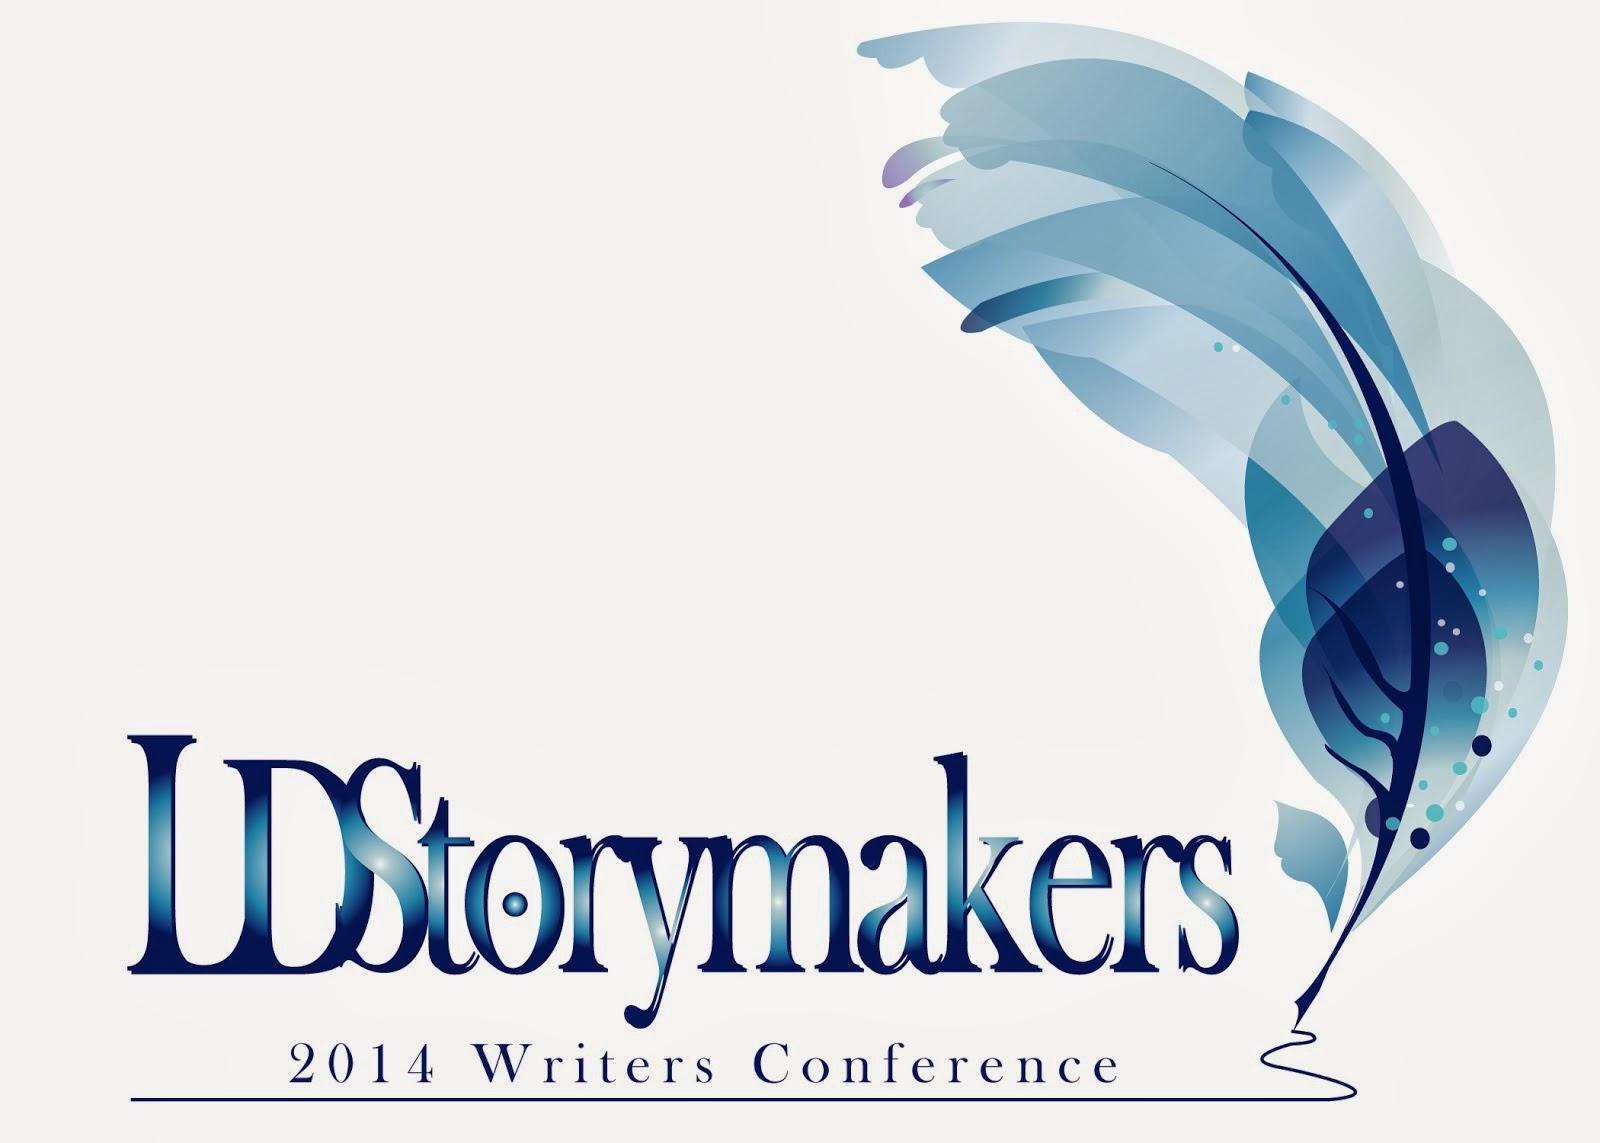 LDStorymakers